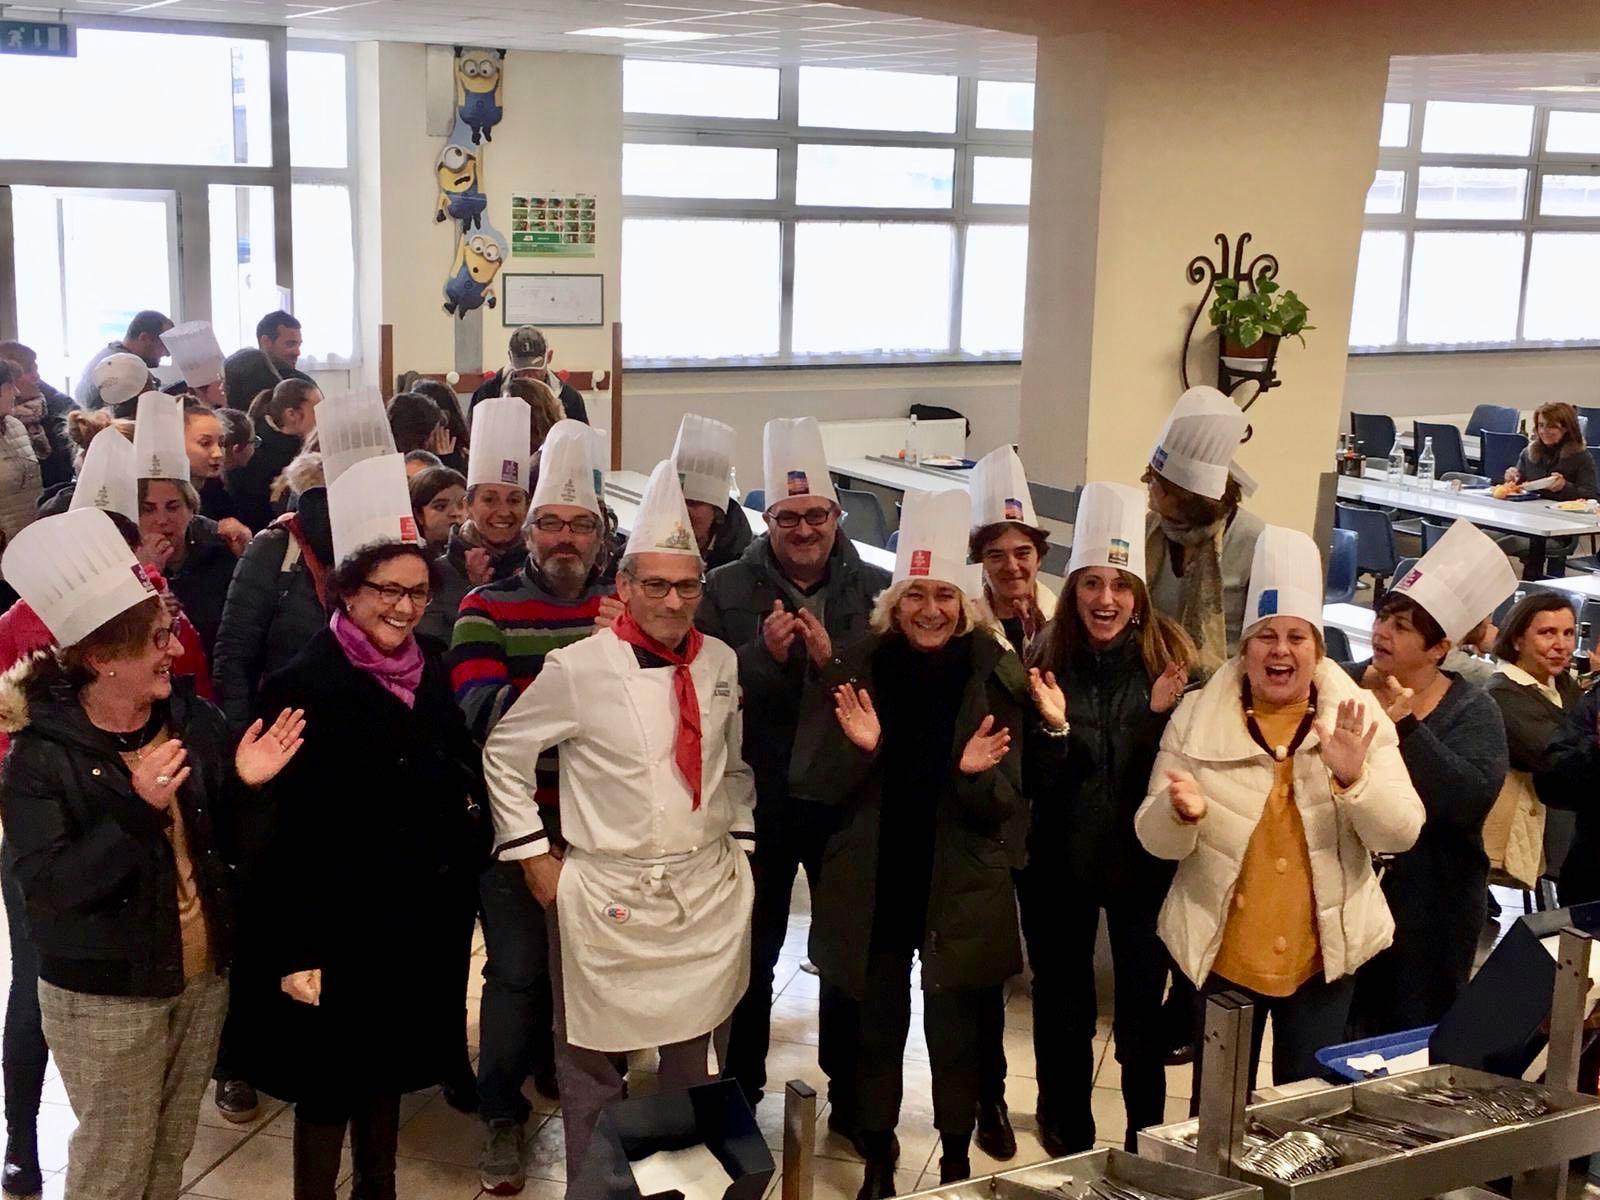 Festa a sorpresa per lo chef Luciano Corino al Centro San Salvatore